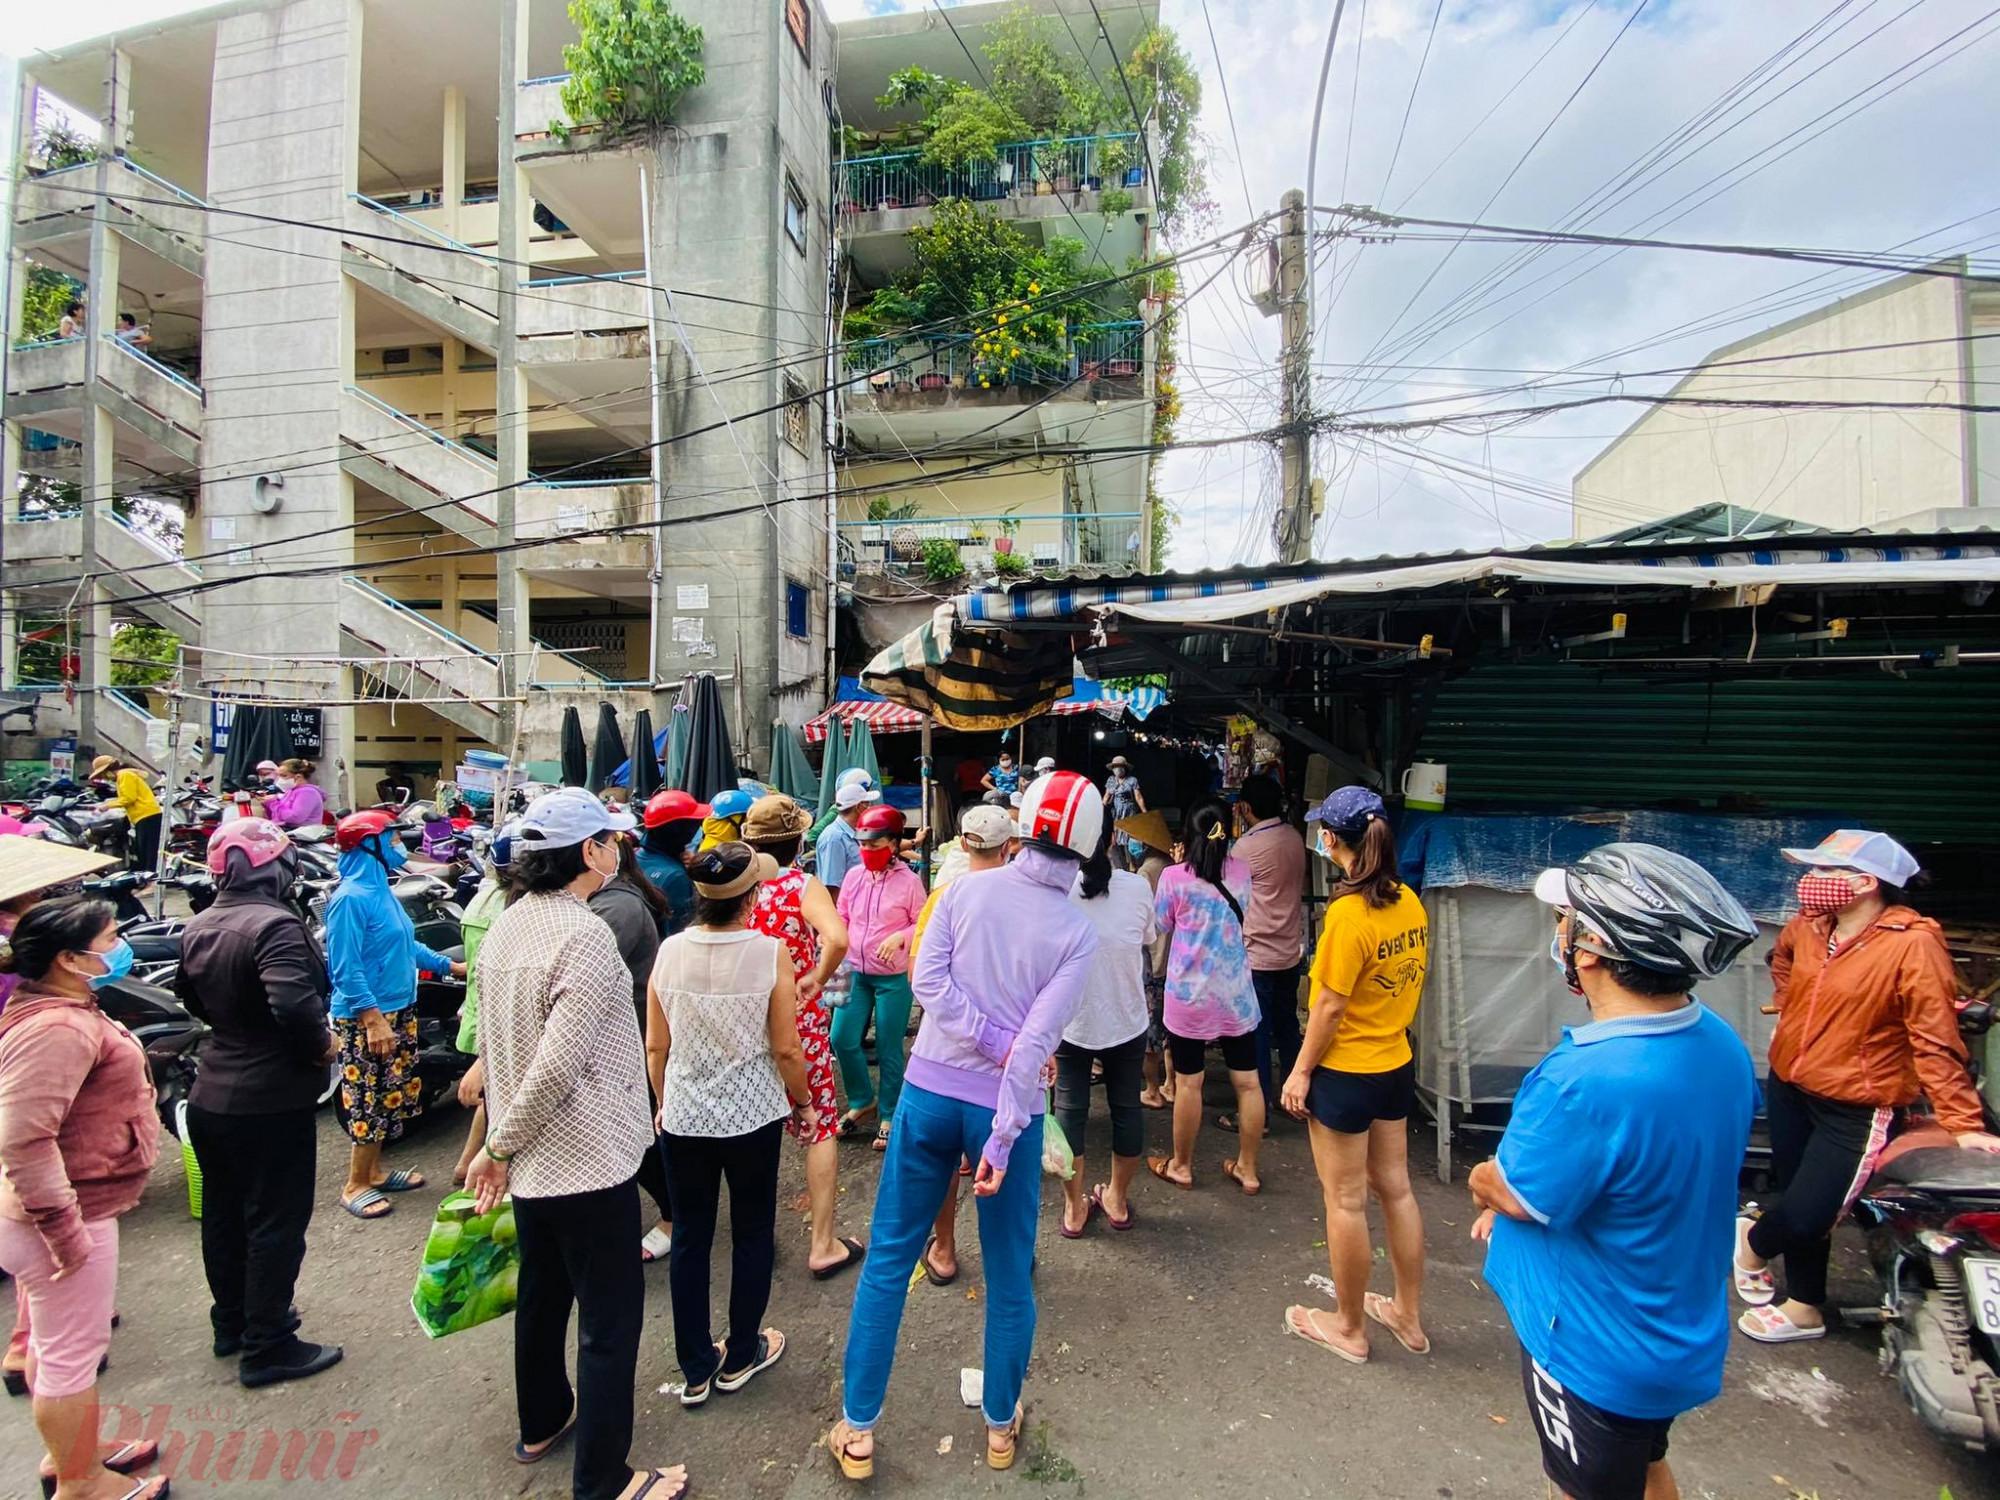 Tại chợ Thanh Đa (Phường 27, quận Bình Thạnh) sáng nay người dân đổ xô đi chợ nhưng bị chặng tại cửa, chợ cho vào từng đợt để đảm bảo công tác phòng dịch. Dân đứng bên ngoài không xếp hàng đứng thành từng cụm, chen chúc rất hỗn tạp.